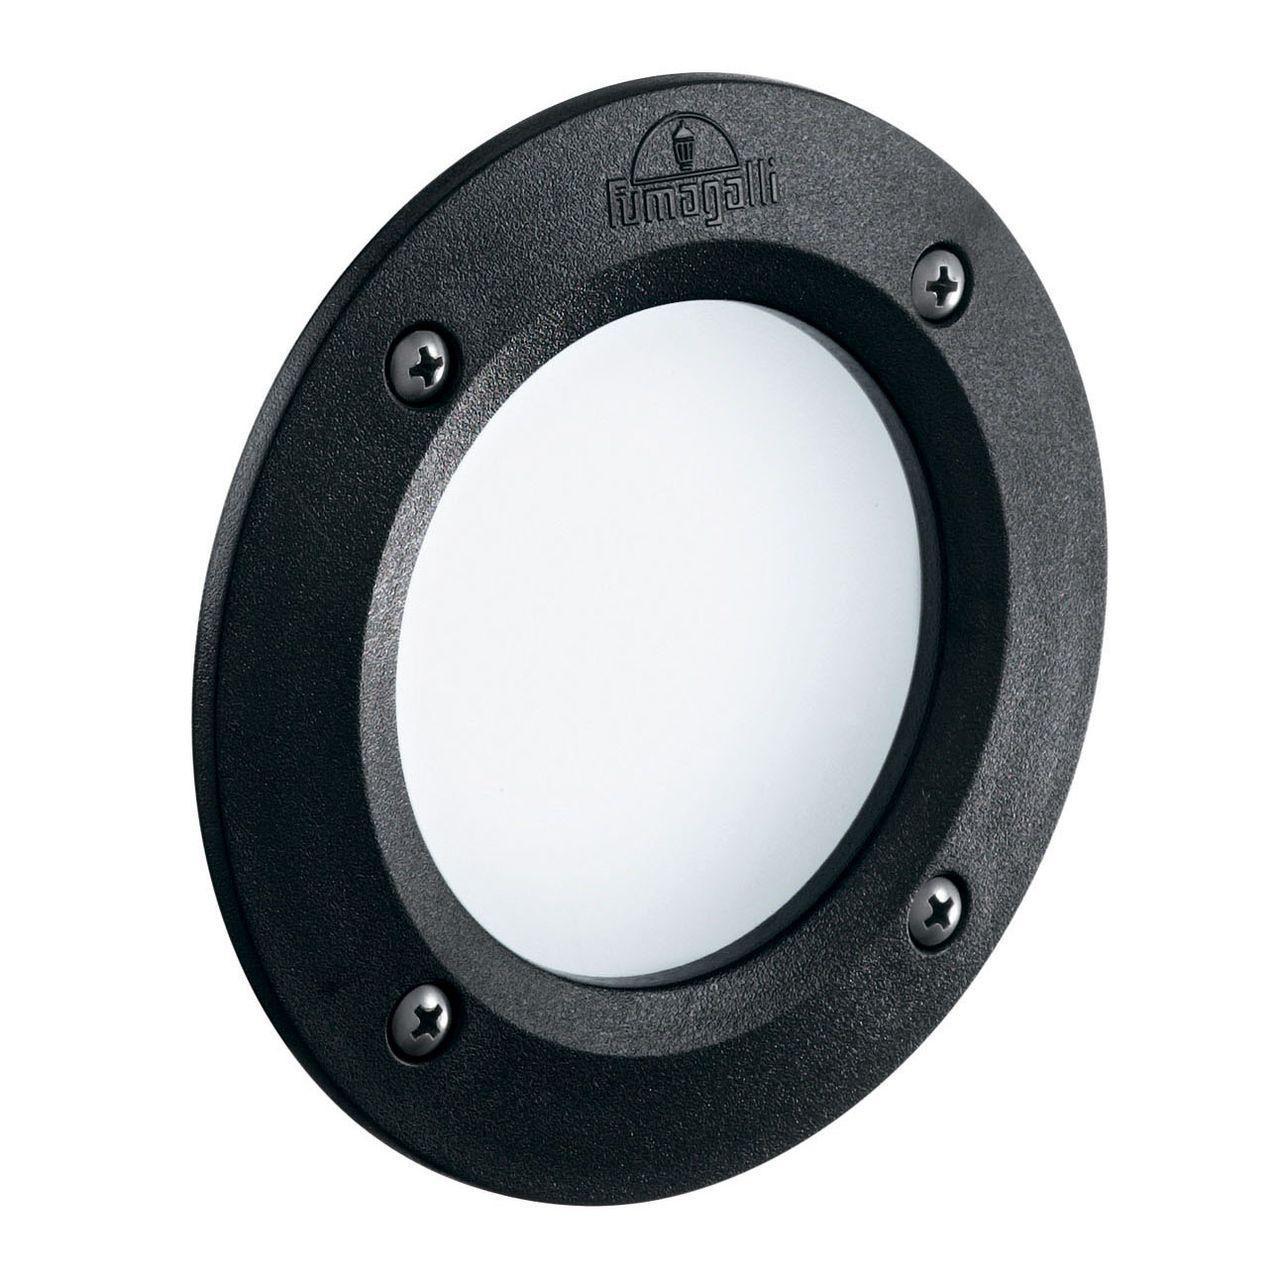 Уличный светодиодный светильник Ideal Lux Leti FI1 Round Nero ideal lux уличный светодиодный светильник ideal lux leti round fi1 grigio